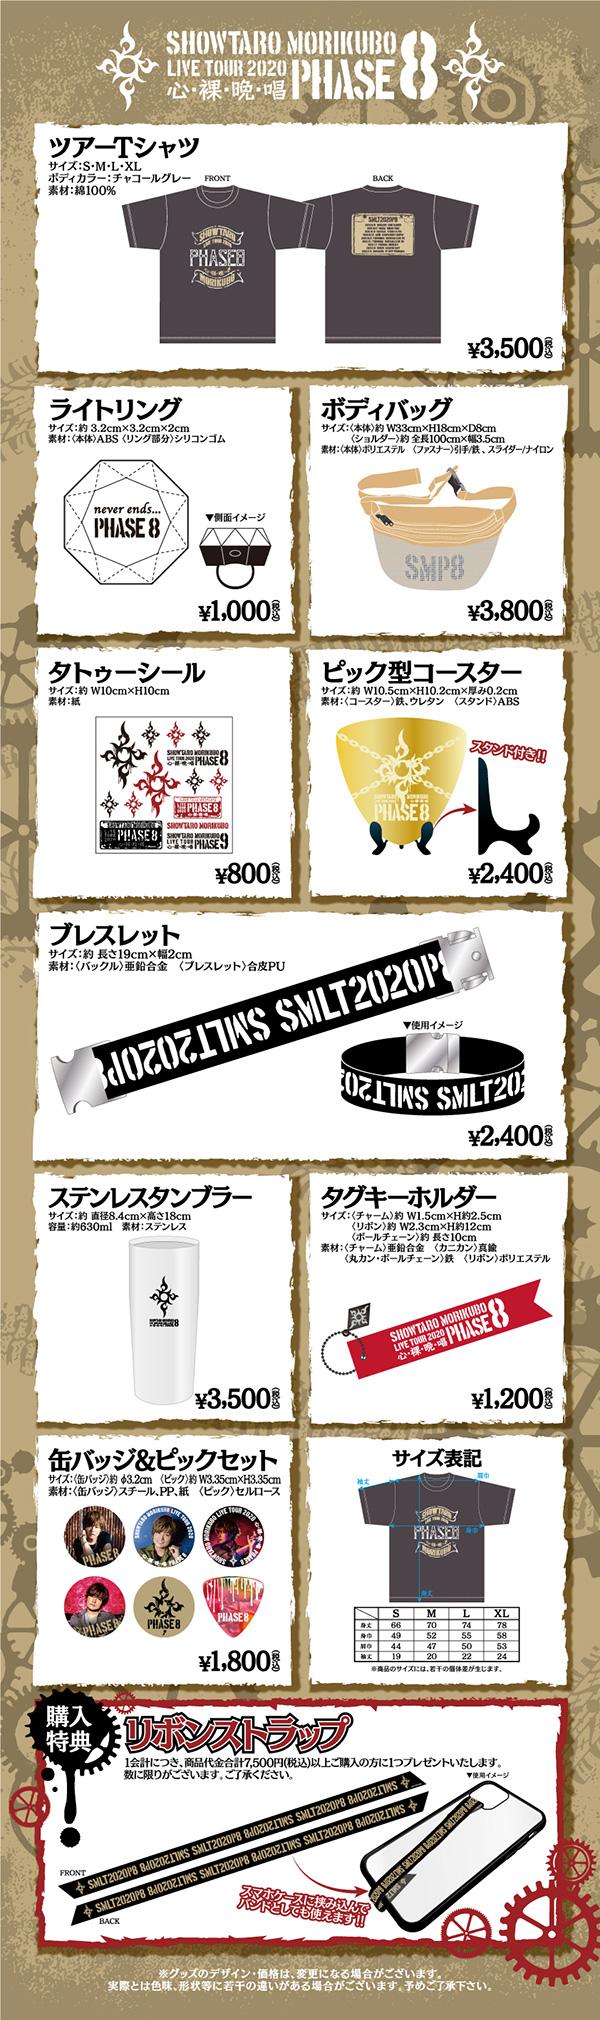 200904_phase8_goodsichiran.jpg